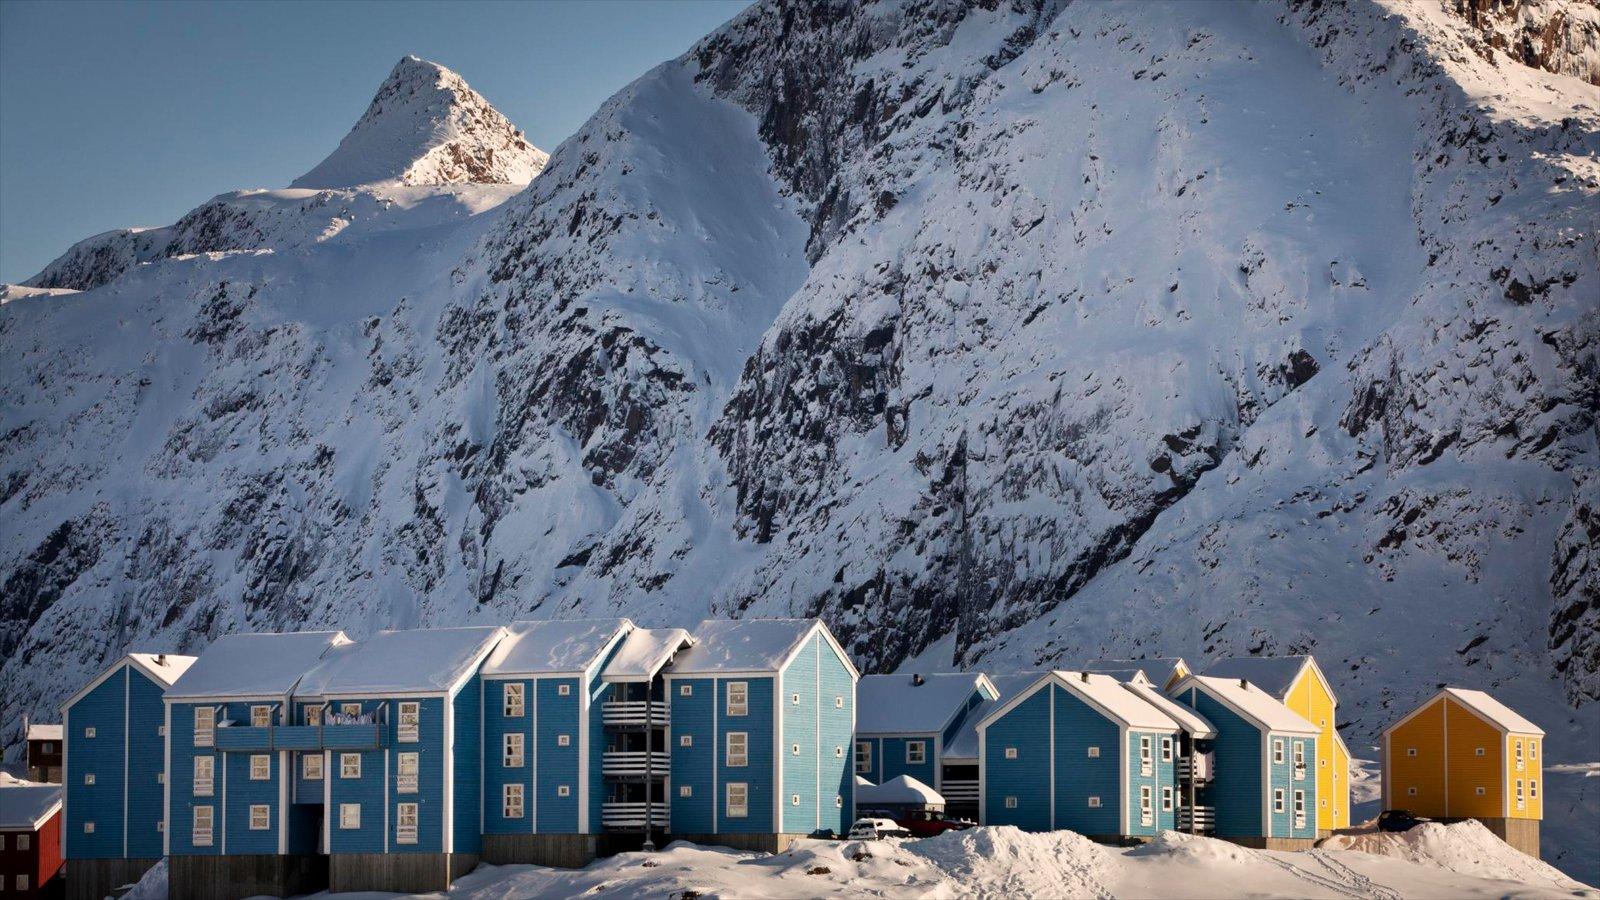 Sisimiut ofreciendo una pequeña ciudad o pueblo, nieve y montañas